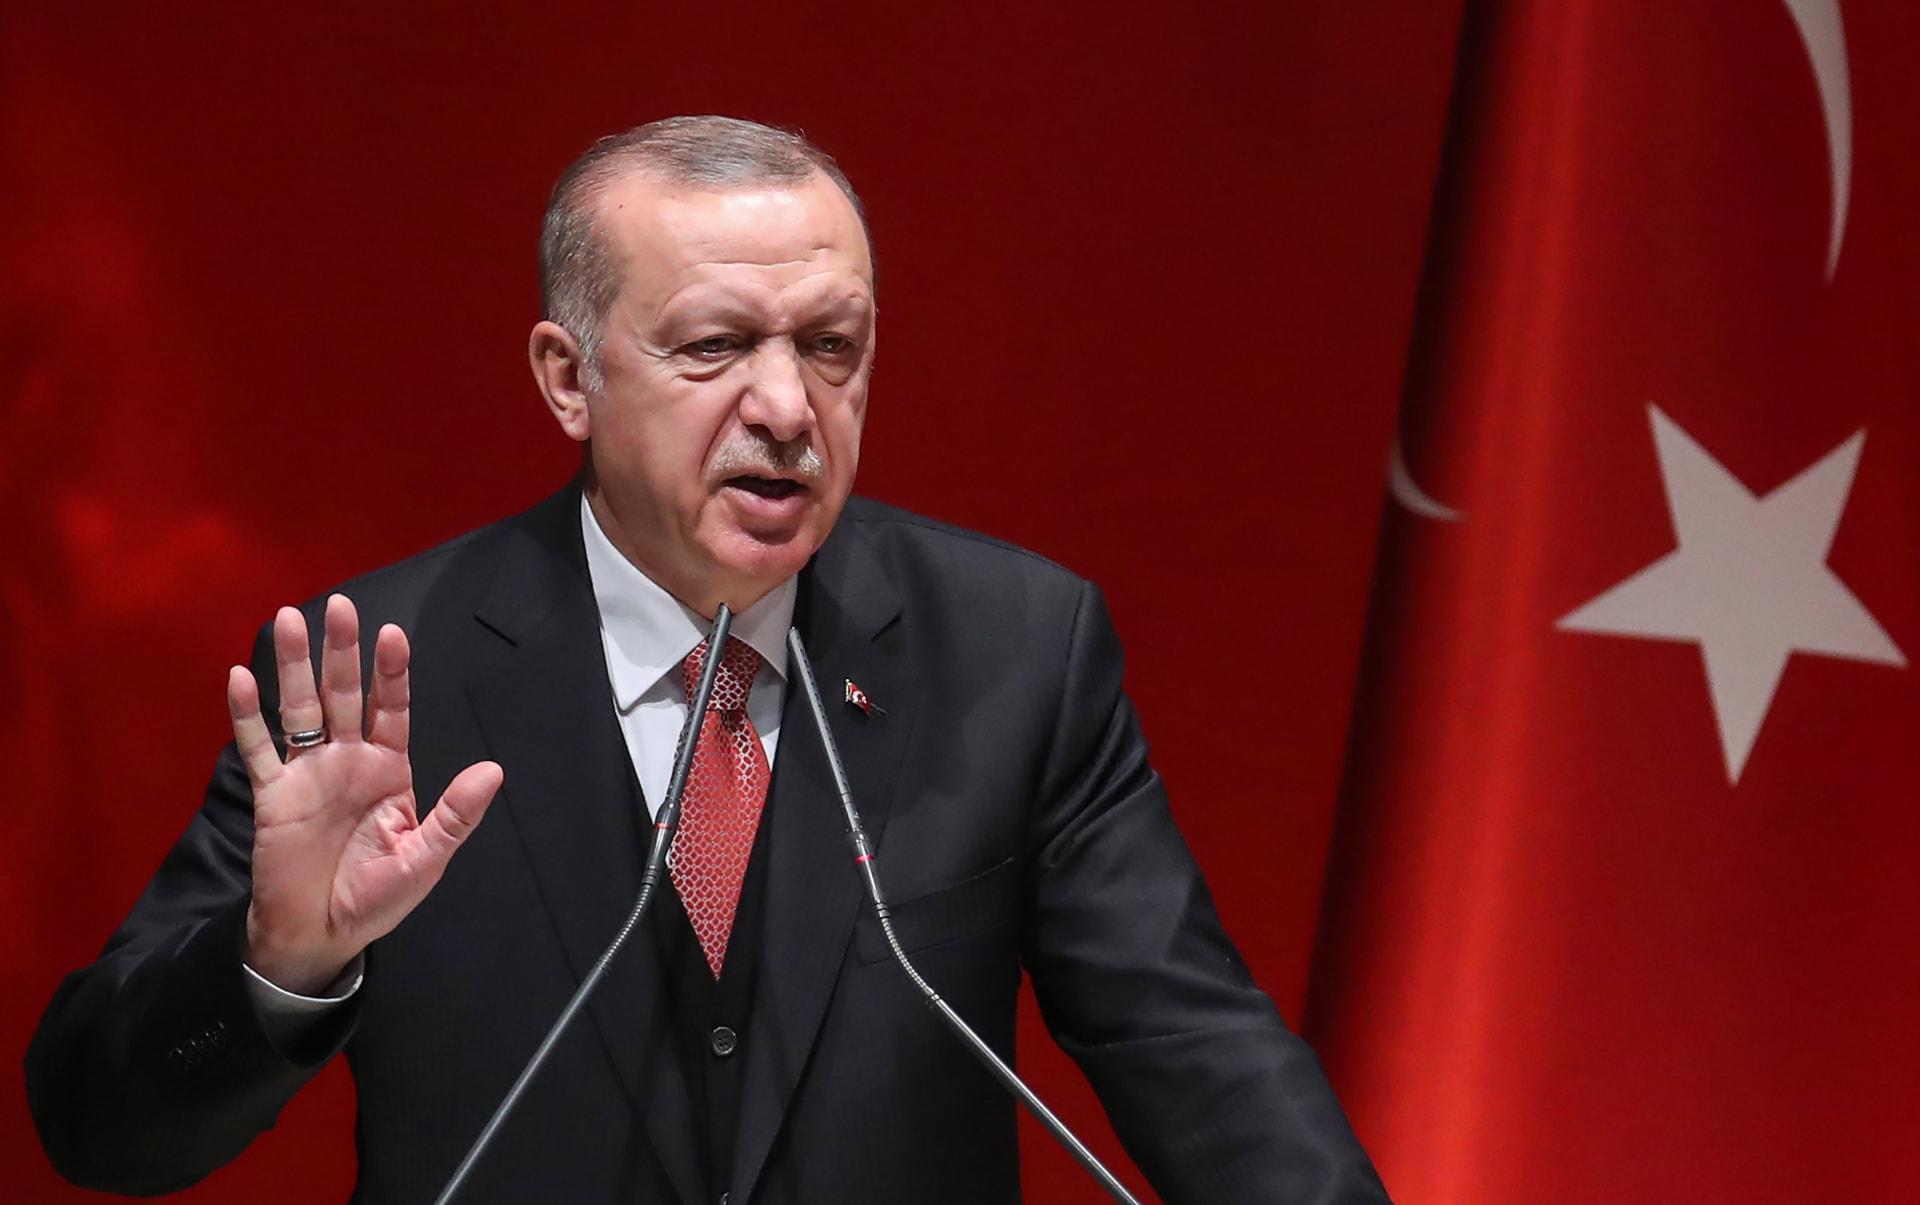 أردوغان: لا يمكن لمصر وإسرائيل واليونان التنقيب بالبحر المتوسط دون إذن تركيا